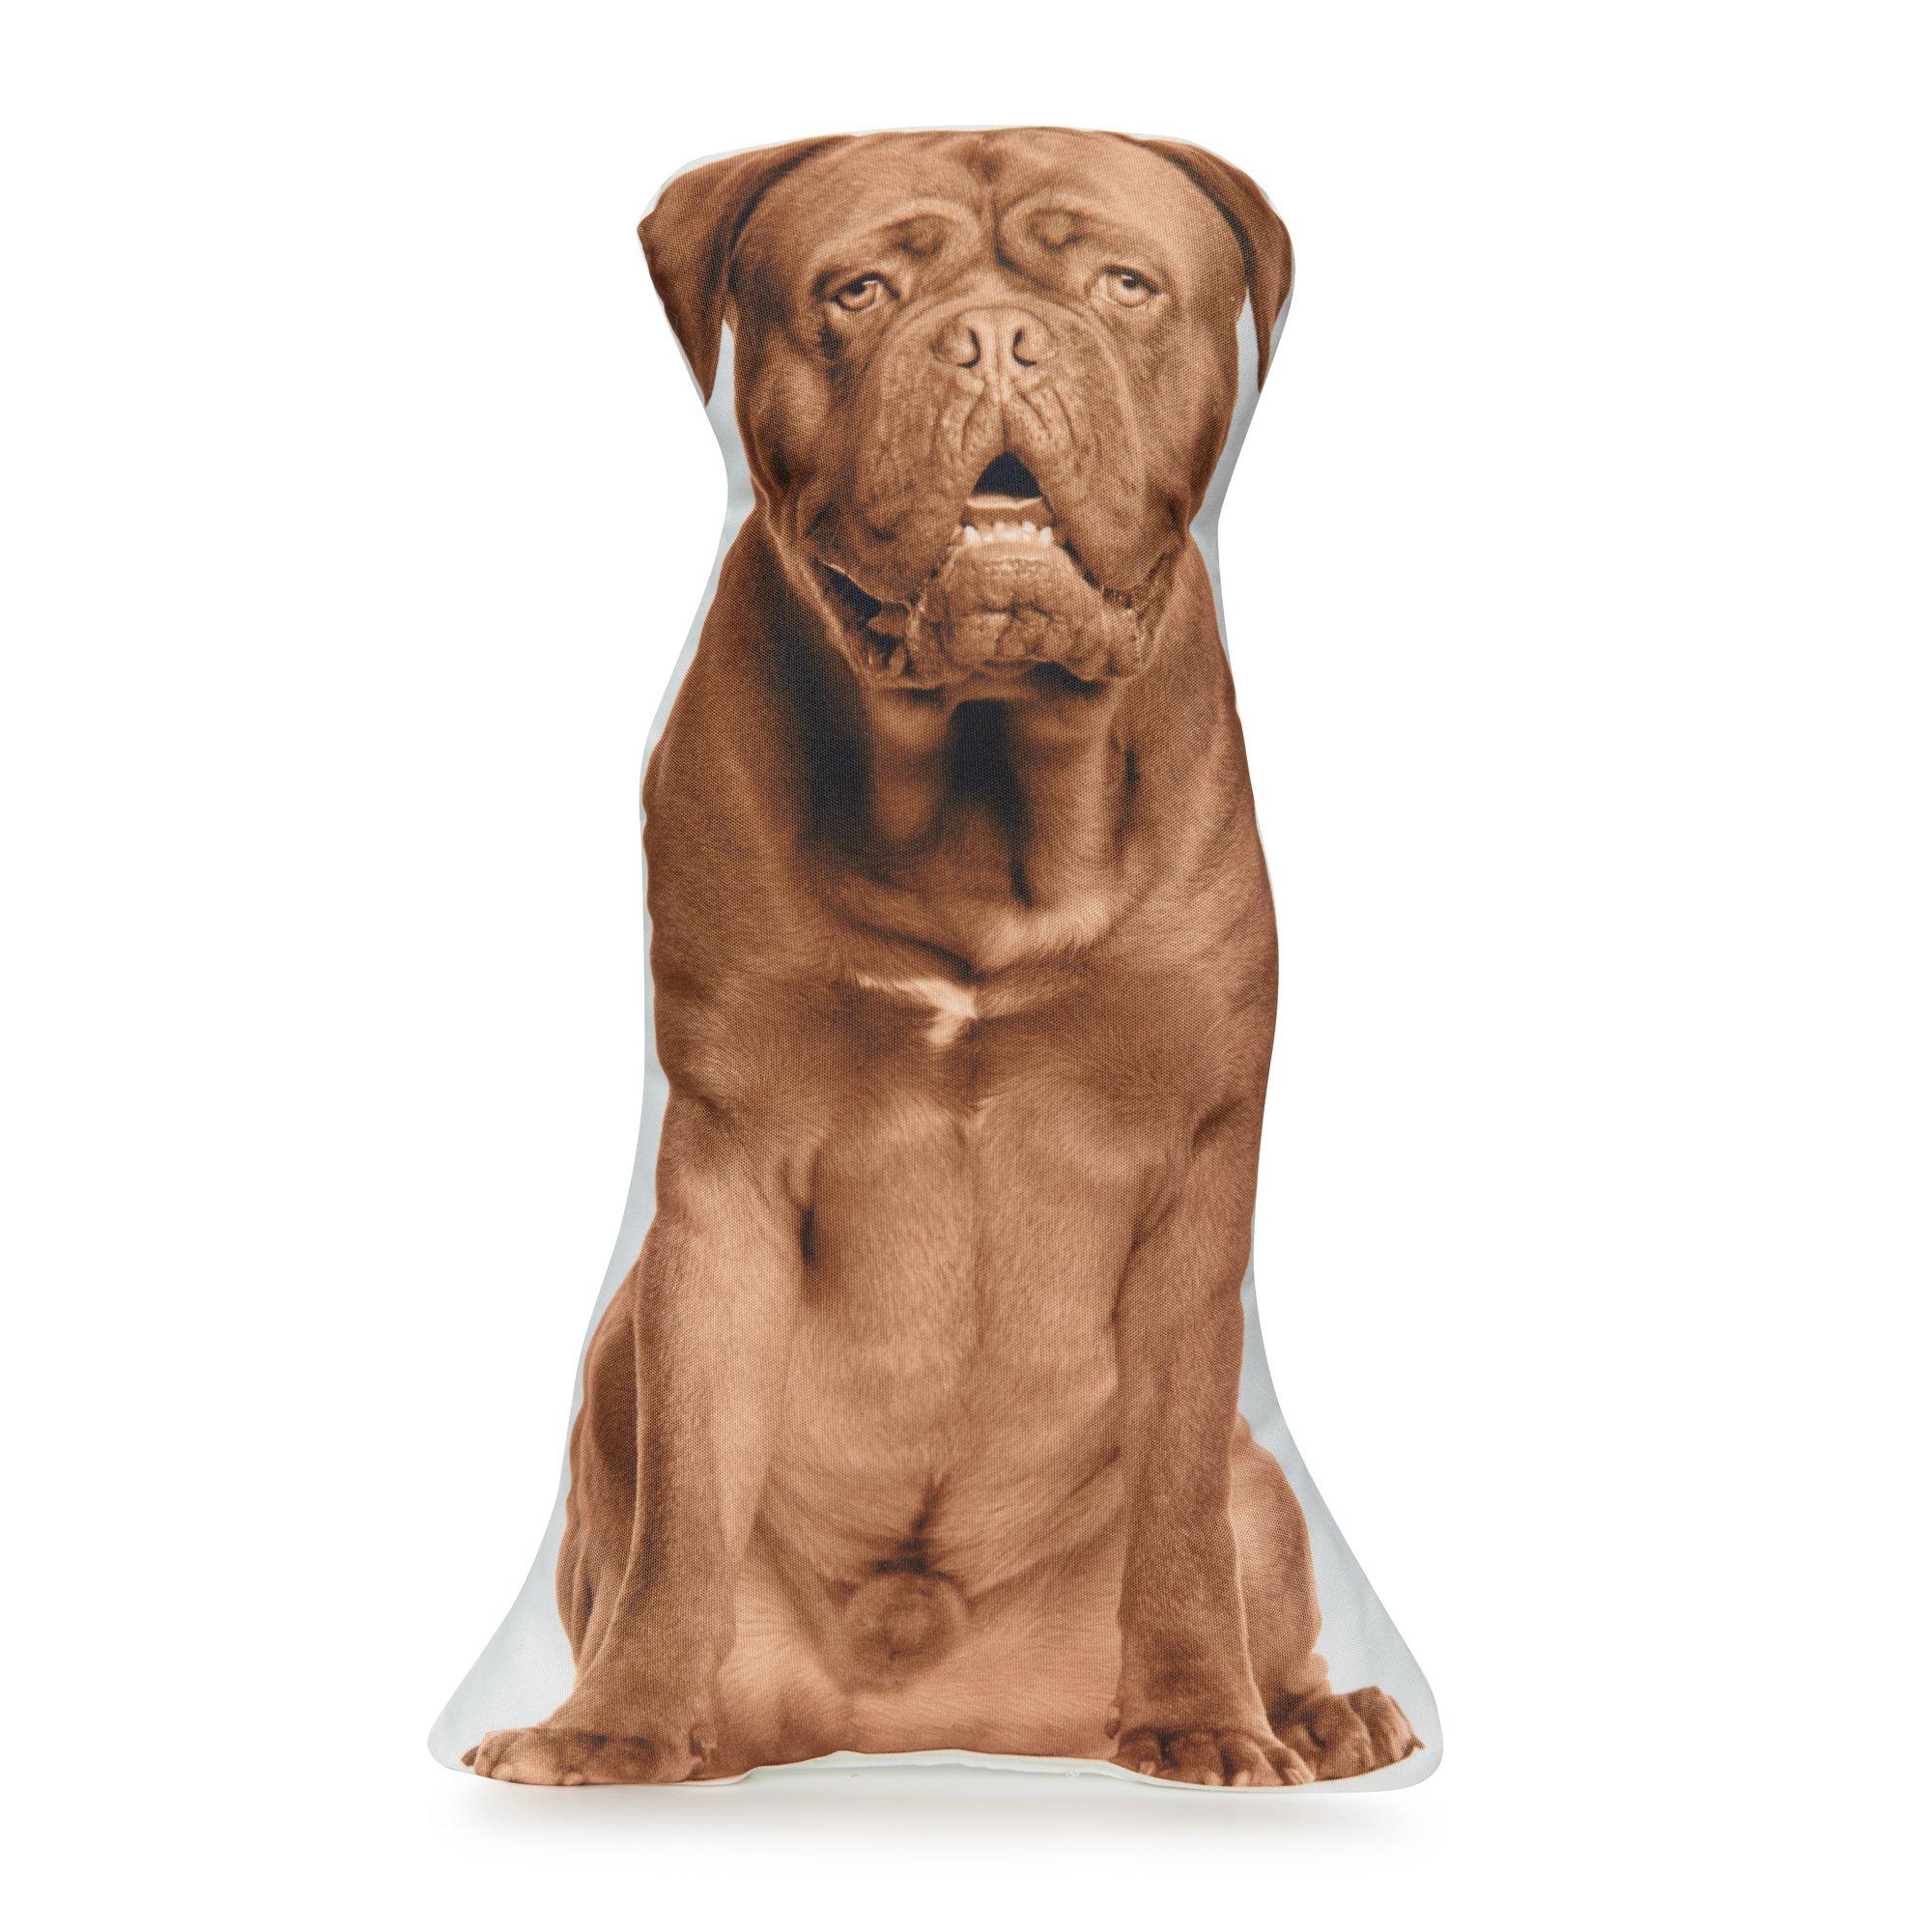 Cushion Co - Dogue de Bordeaux Dog Pillow 16'' x 12''